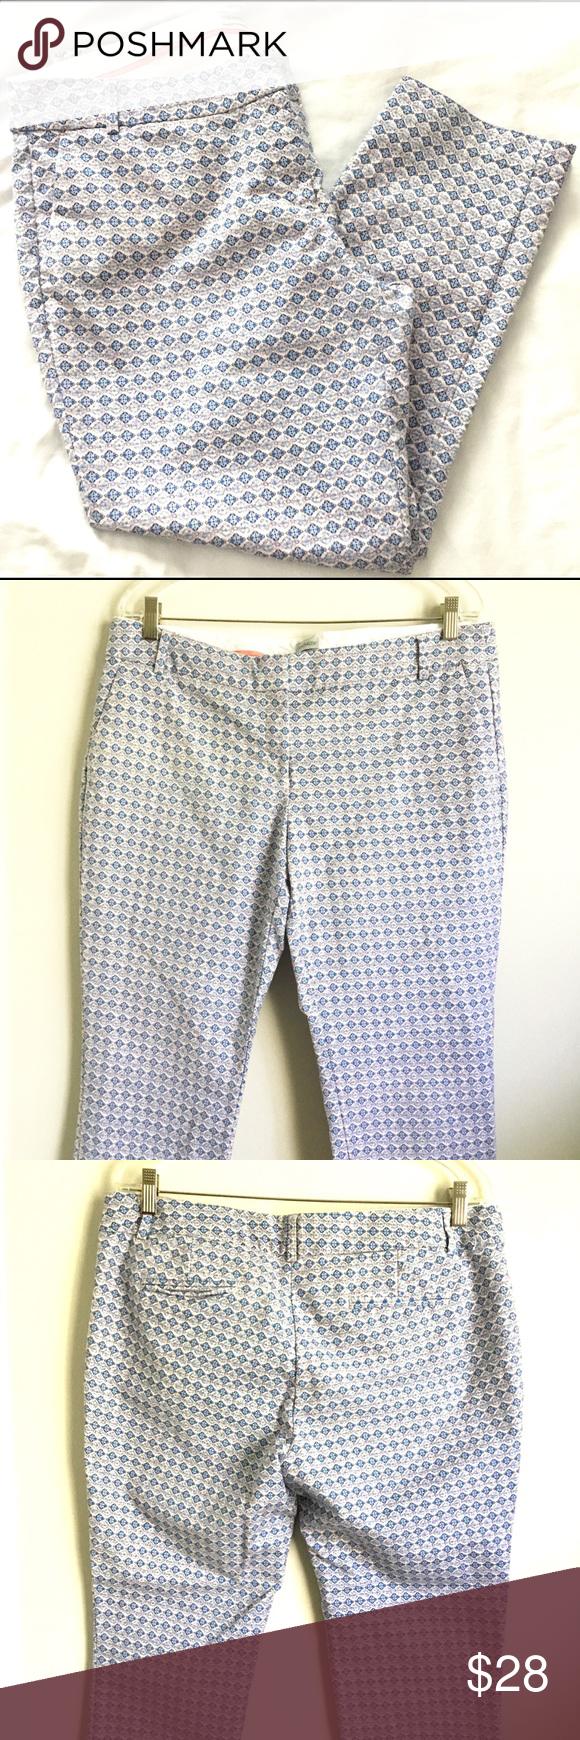 Paraphrase Paisley Diamond Cropped Pant 14 Clothe Design Pants